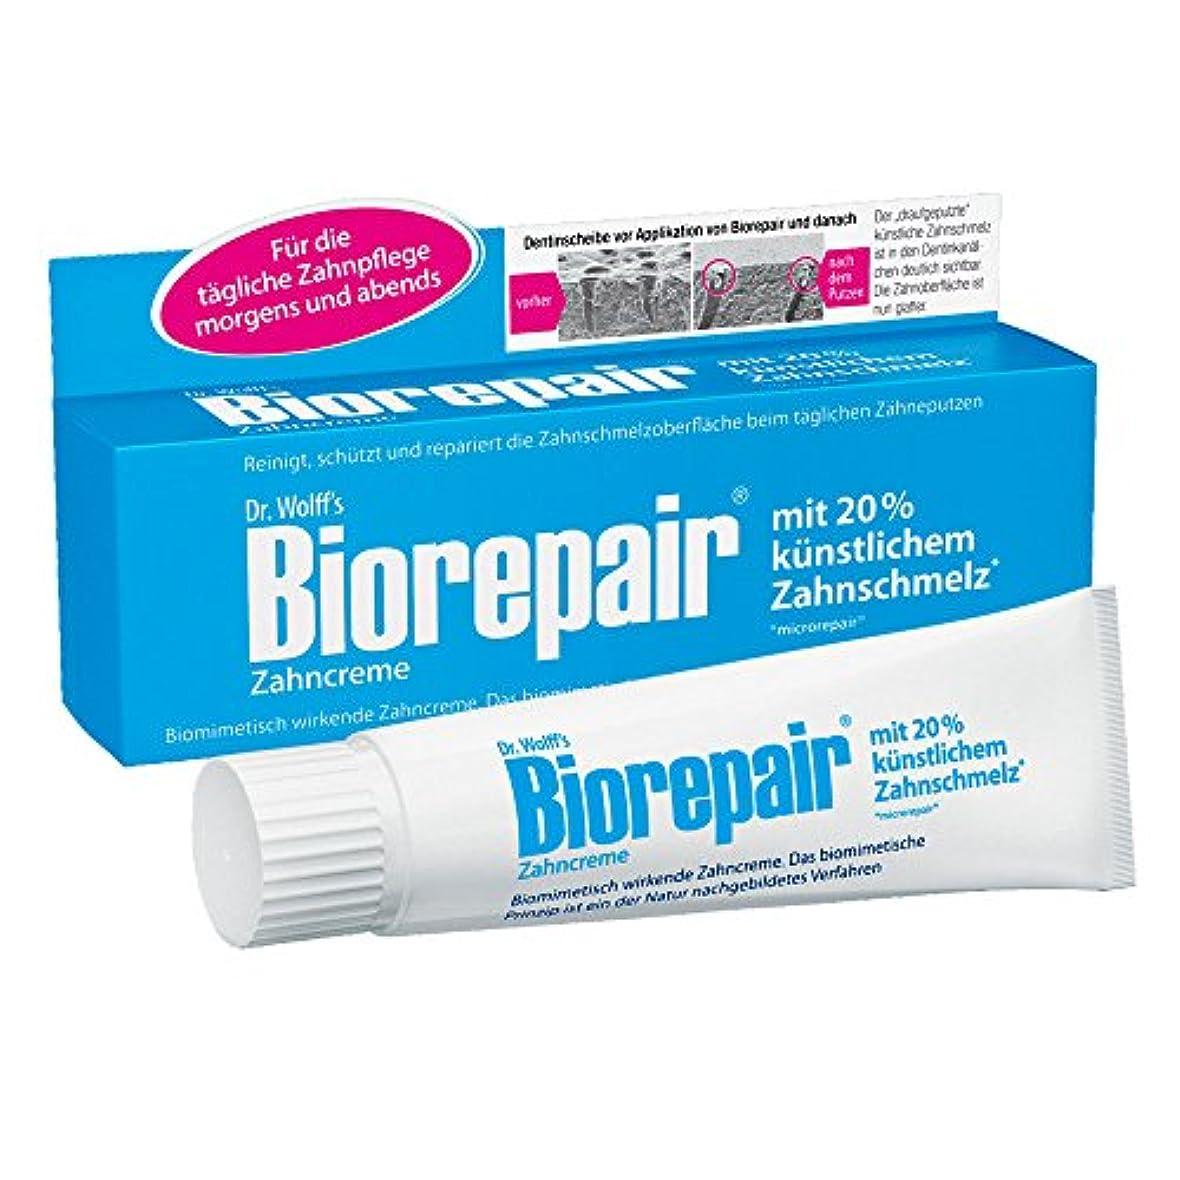 繰り返すレザーパッケージBiorepair 歯磨き粉オリジナル、75ml(1pack) 歯の保護 耐摩耗性 1pack [並行輸入品]